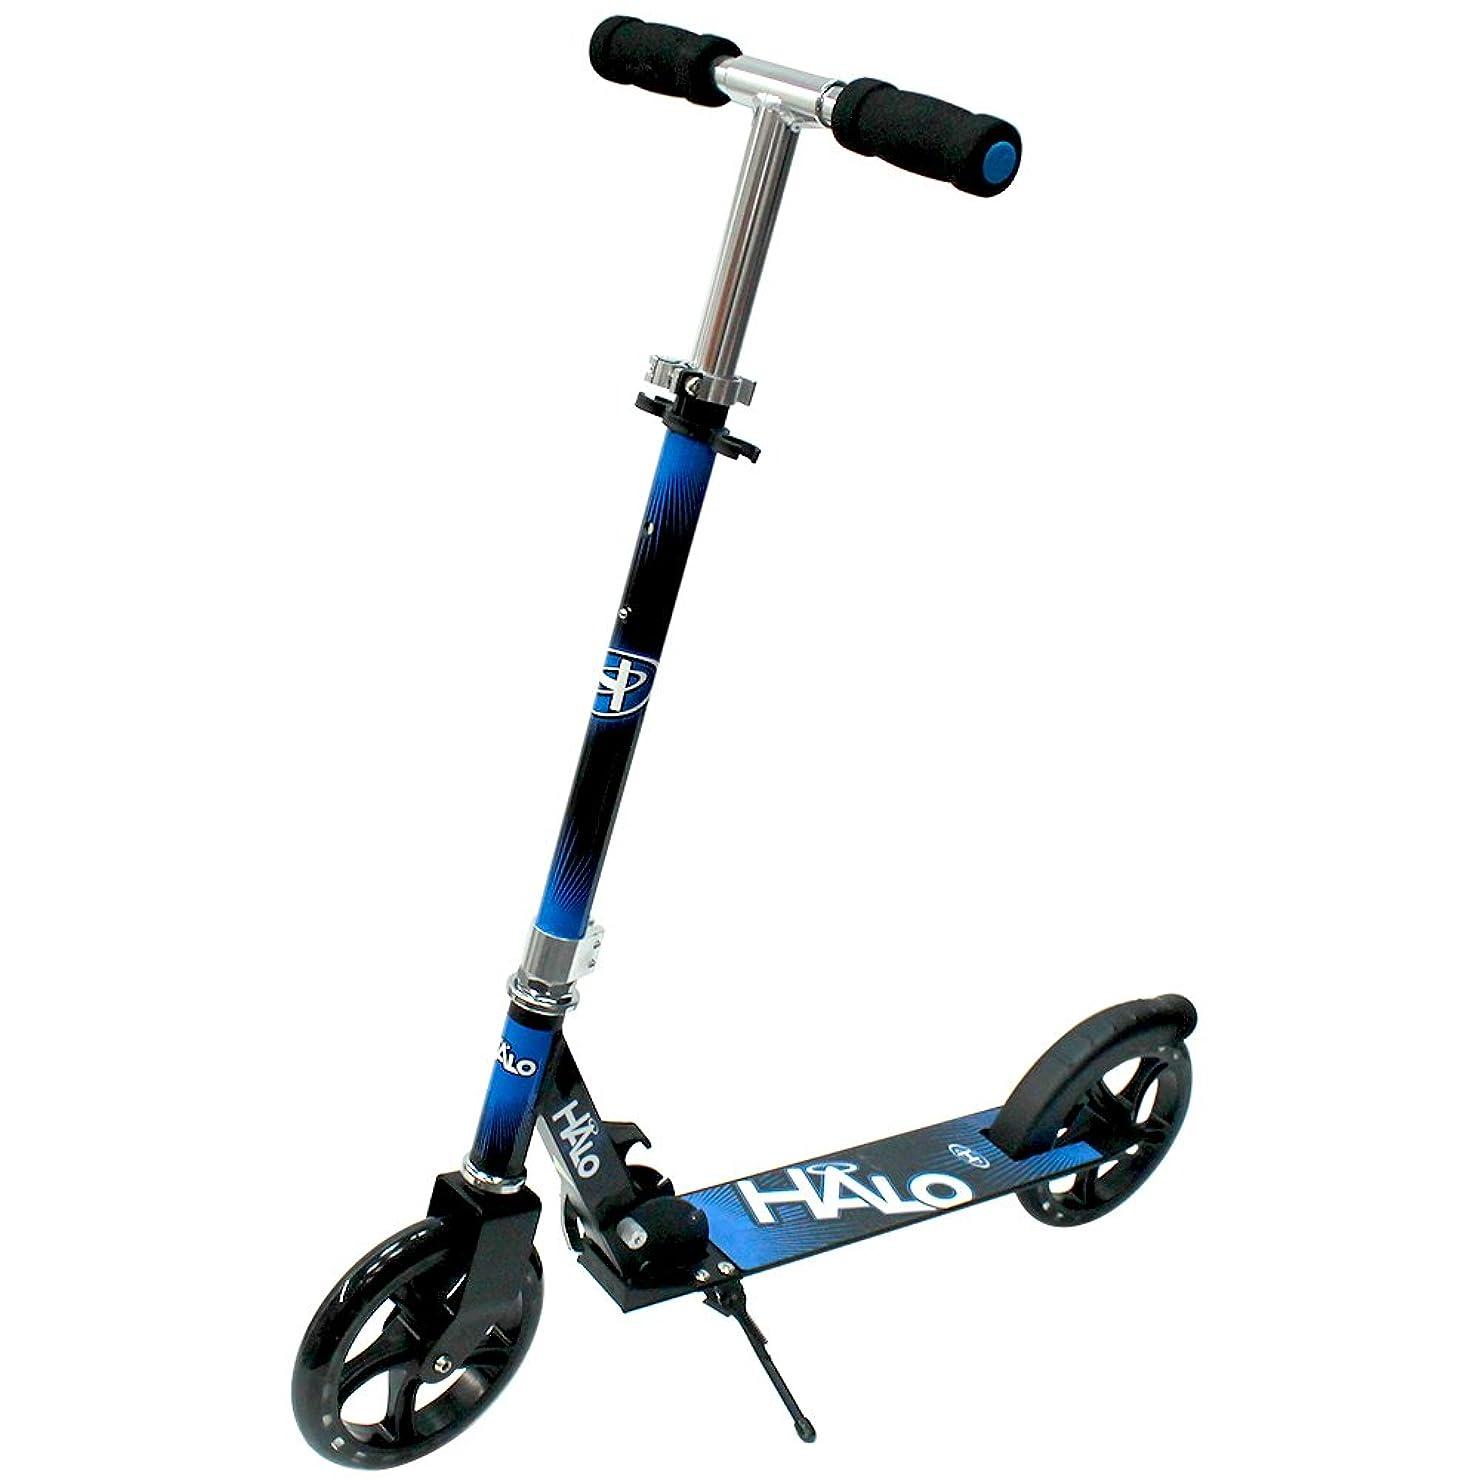 不振なので哺乳類HALO(ハロ) Big Wheels Scooter キックボード キックスケーター [折りたたみ式/フットブレーキ付/ウィールABEC 5] … (ブルー/ブラック)